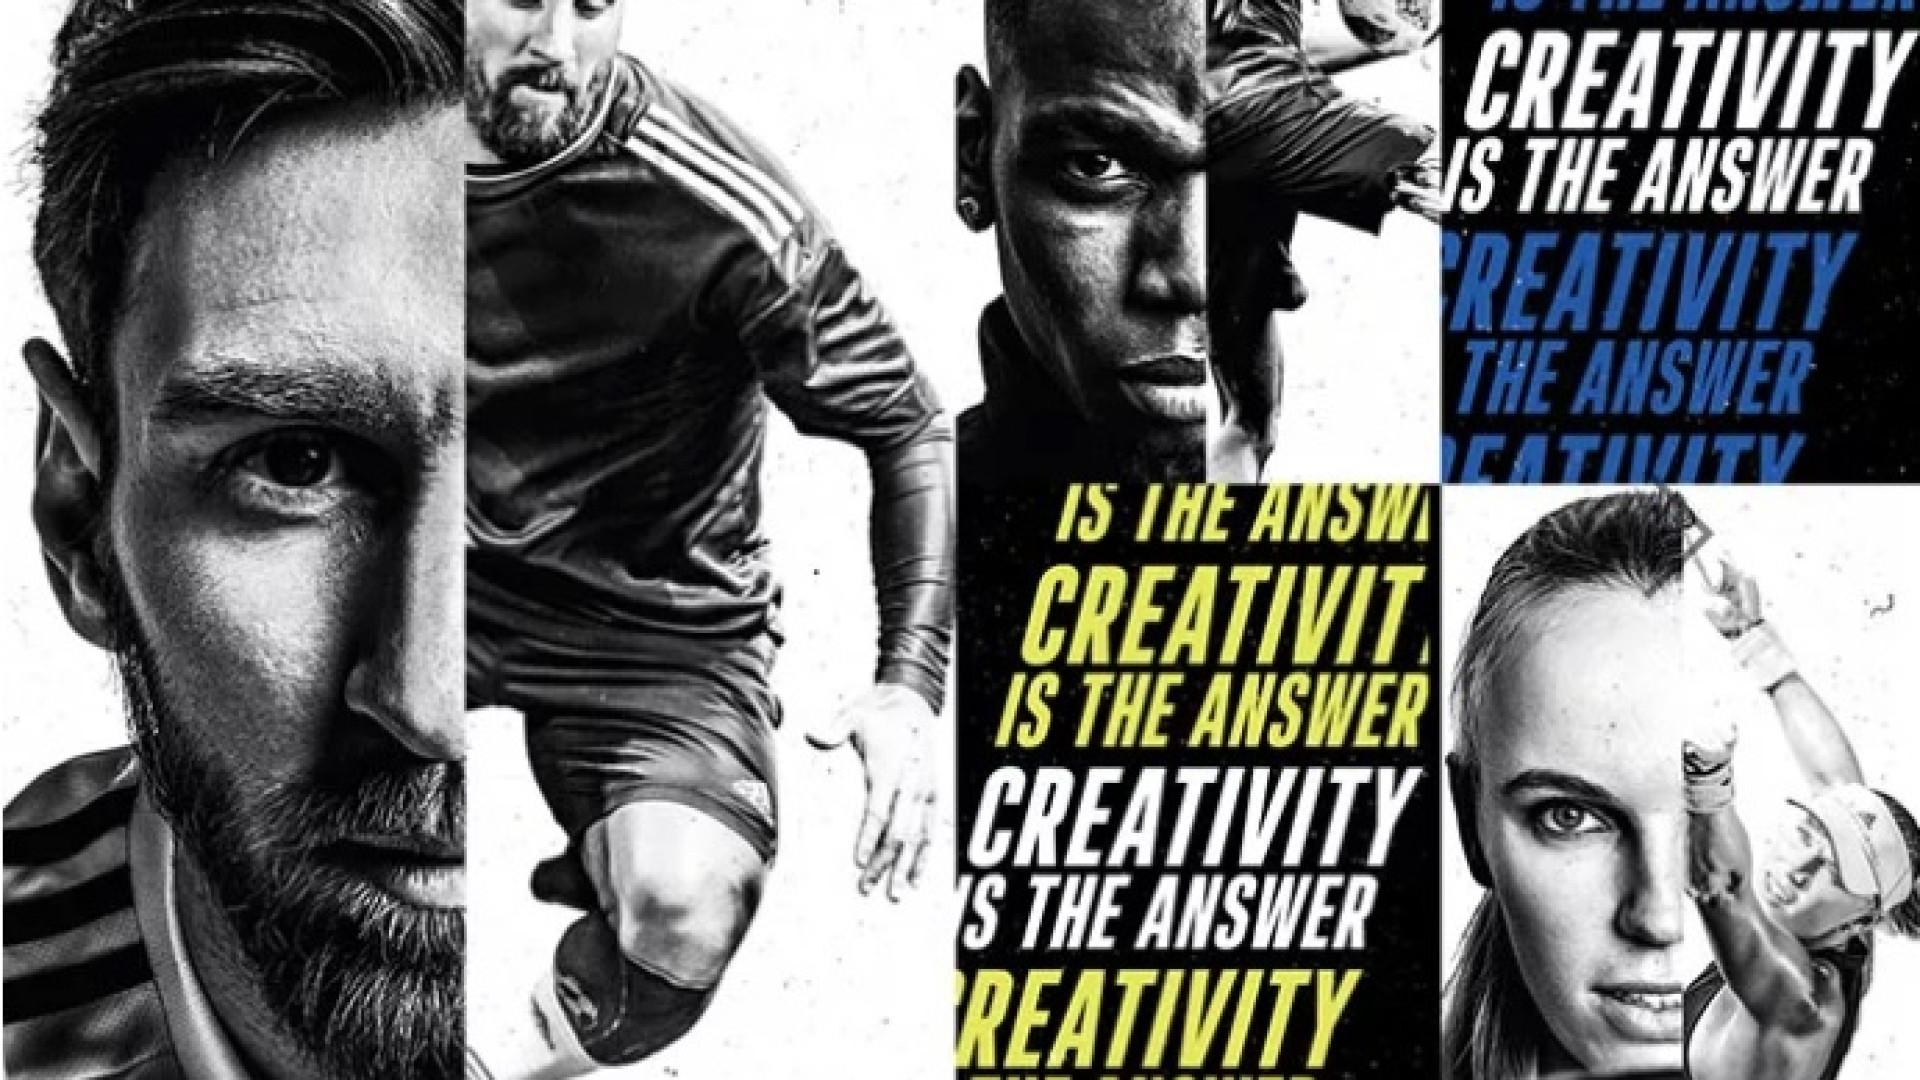 Para a Adidas, a criatividade é a resposta